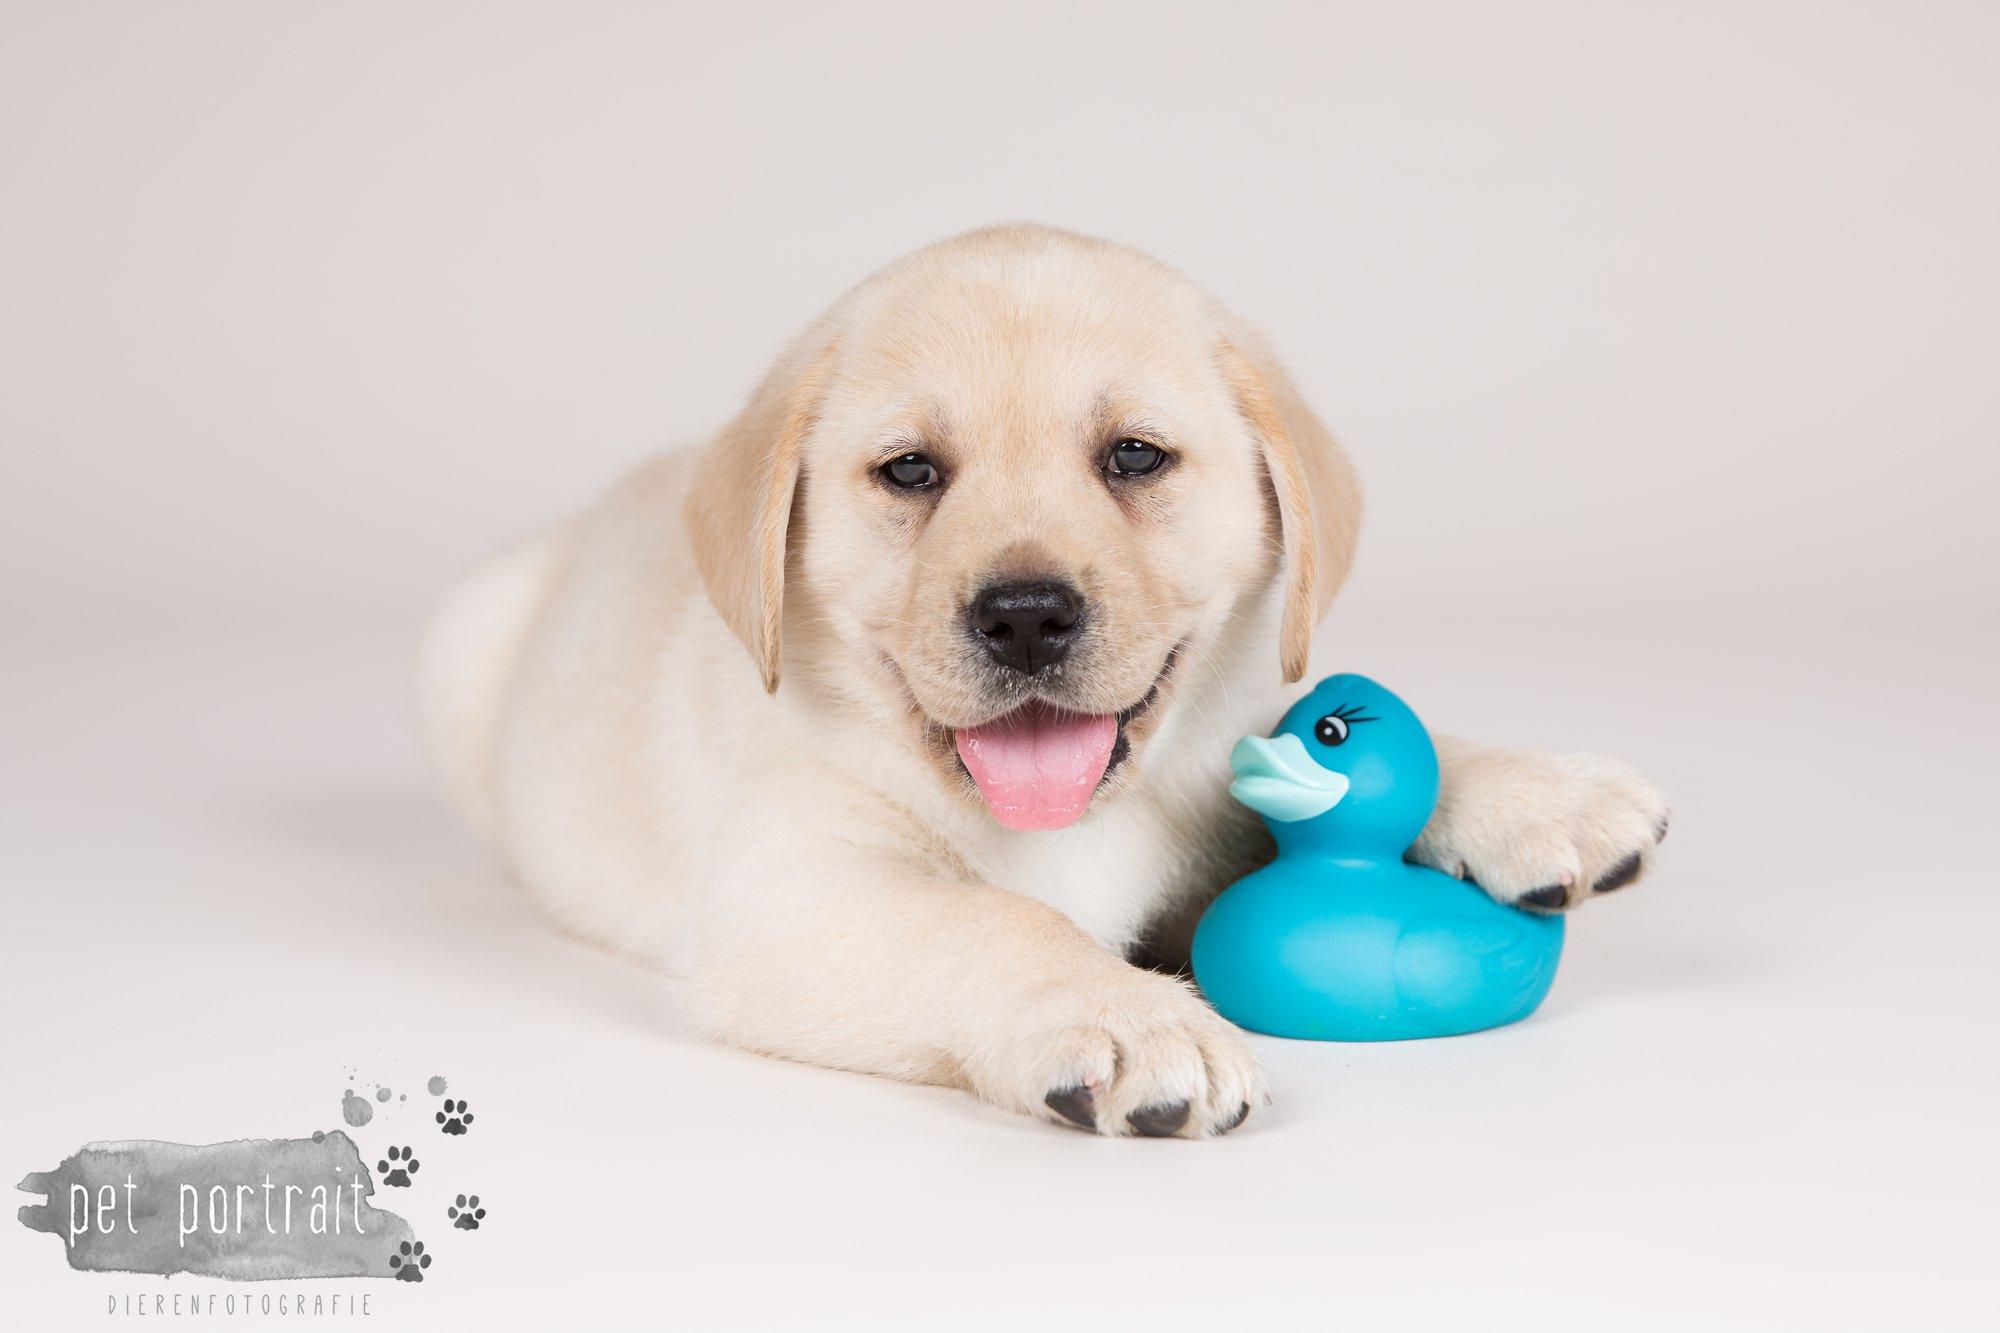 Hondenfotograaf Hillegom - Nestfotoshoot voor Labrador pups-22